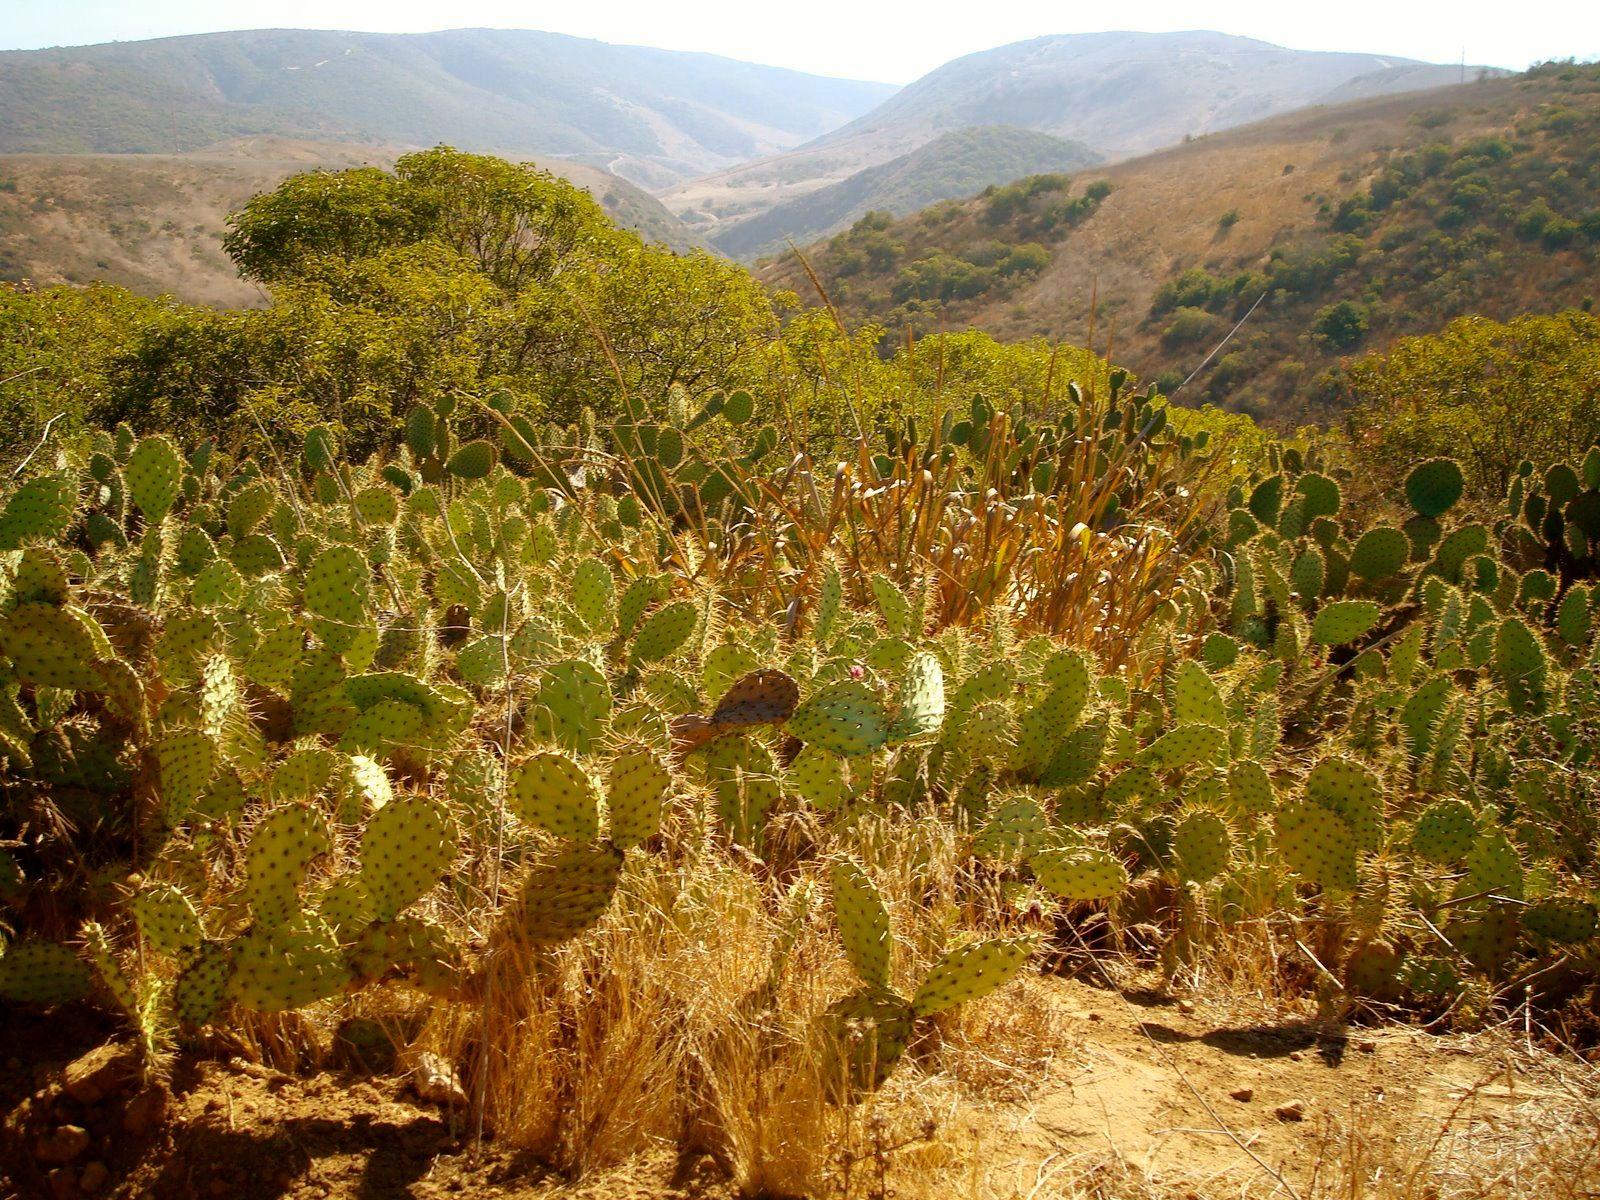 Mini cactus field.